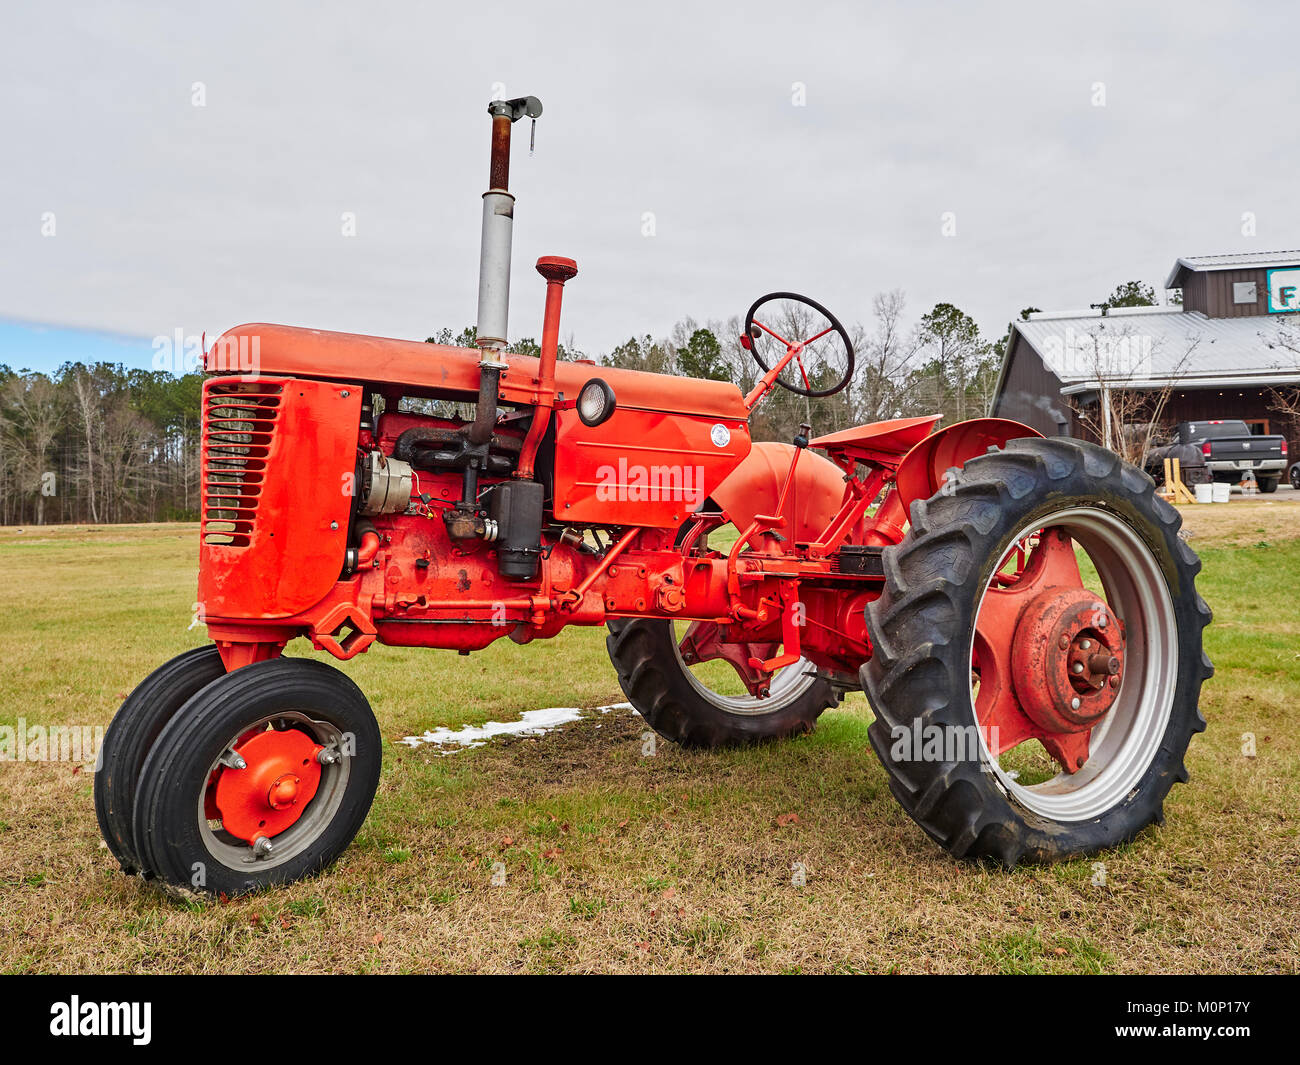 Old Red vintage antik Fall farm Traktor auf dem Bauernhof Markt in ländlichen Hecht Straße Alabama in den USA. Stockfoto